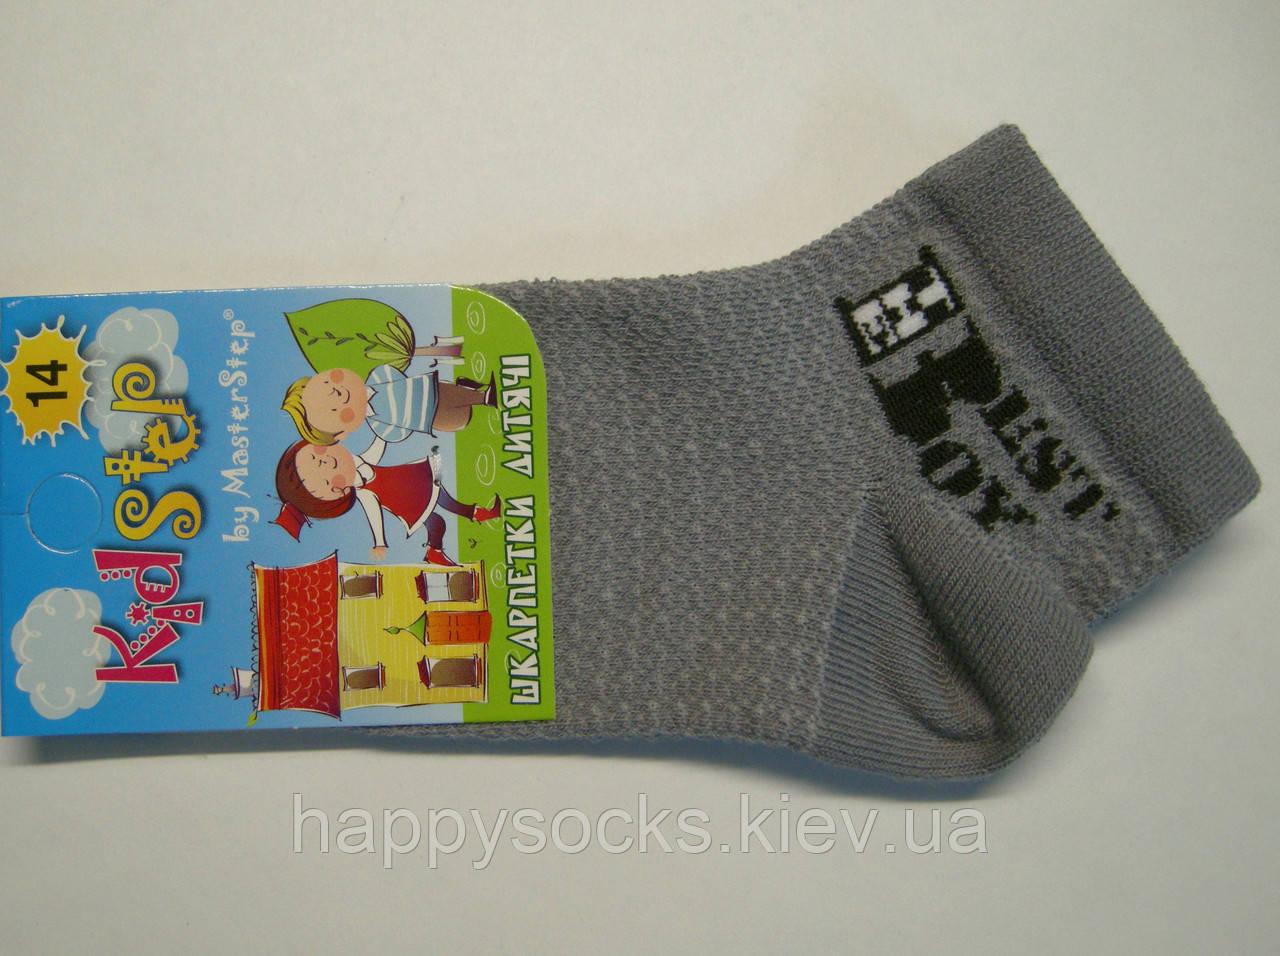 Носки в сетку для мальчиков серого цвета низкие